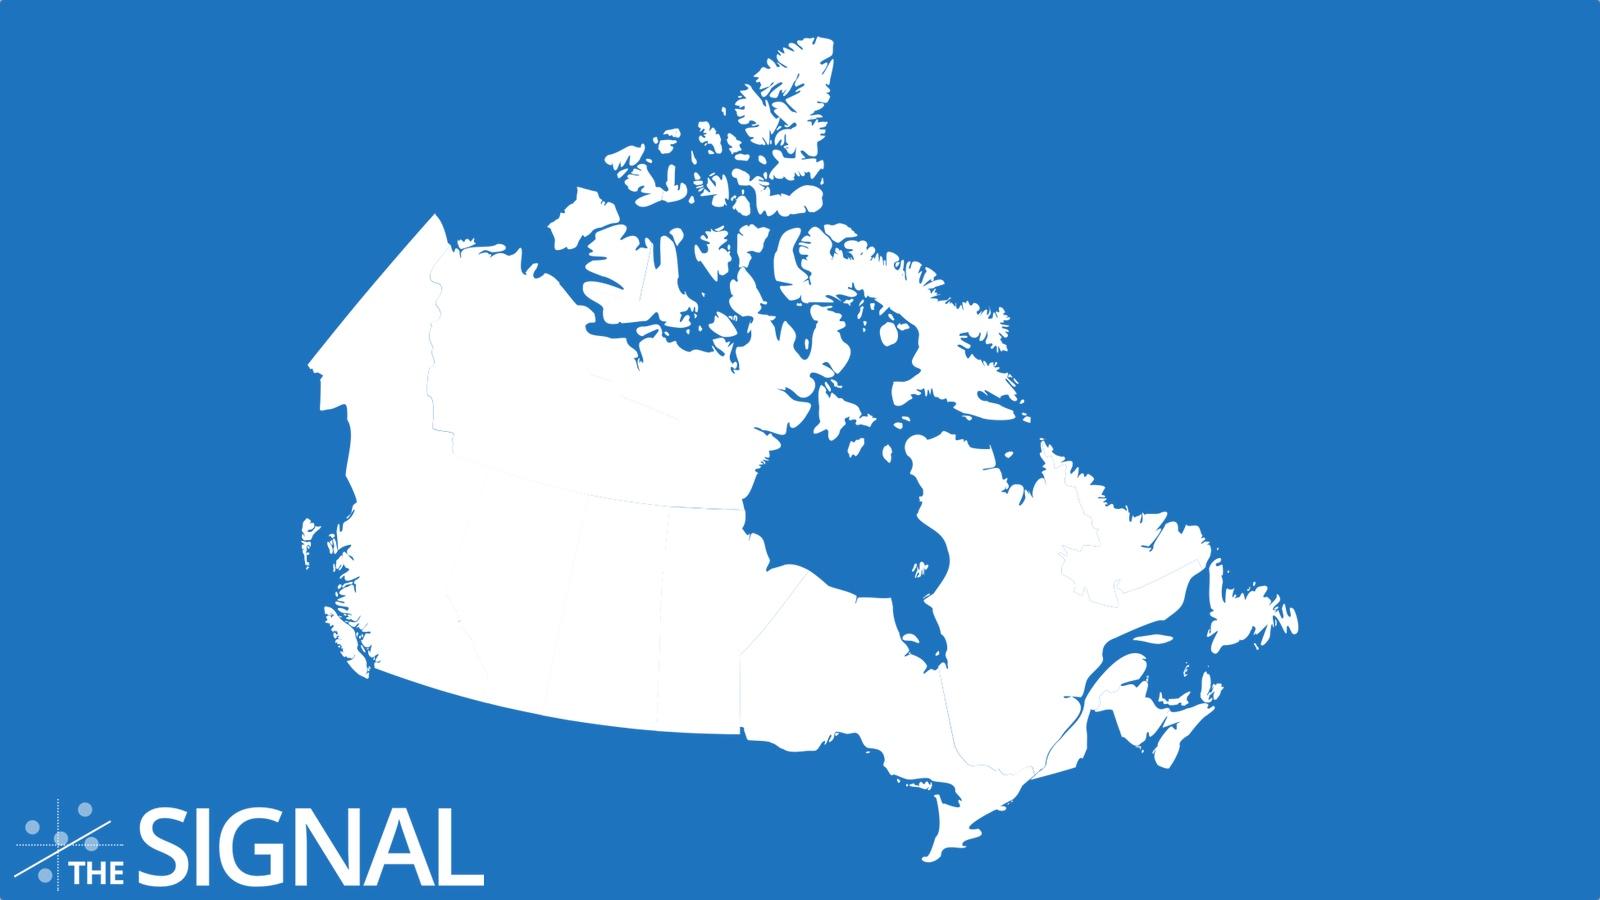 """Ceci n'est pas """"le Canada"""", ceci est un dessin dont nous disons qu'il représente le Canada"""